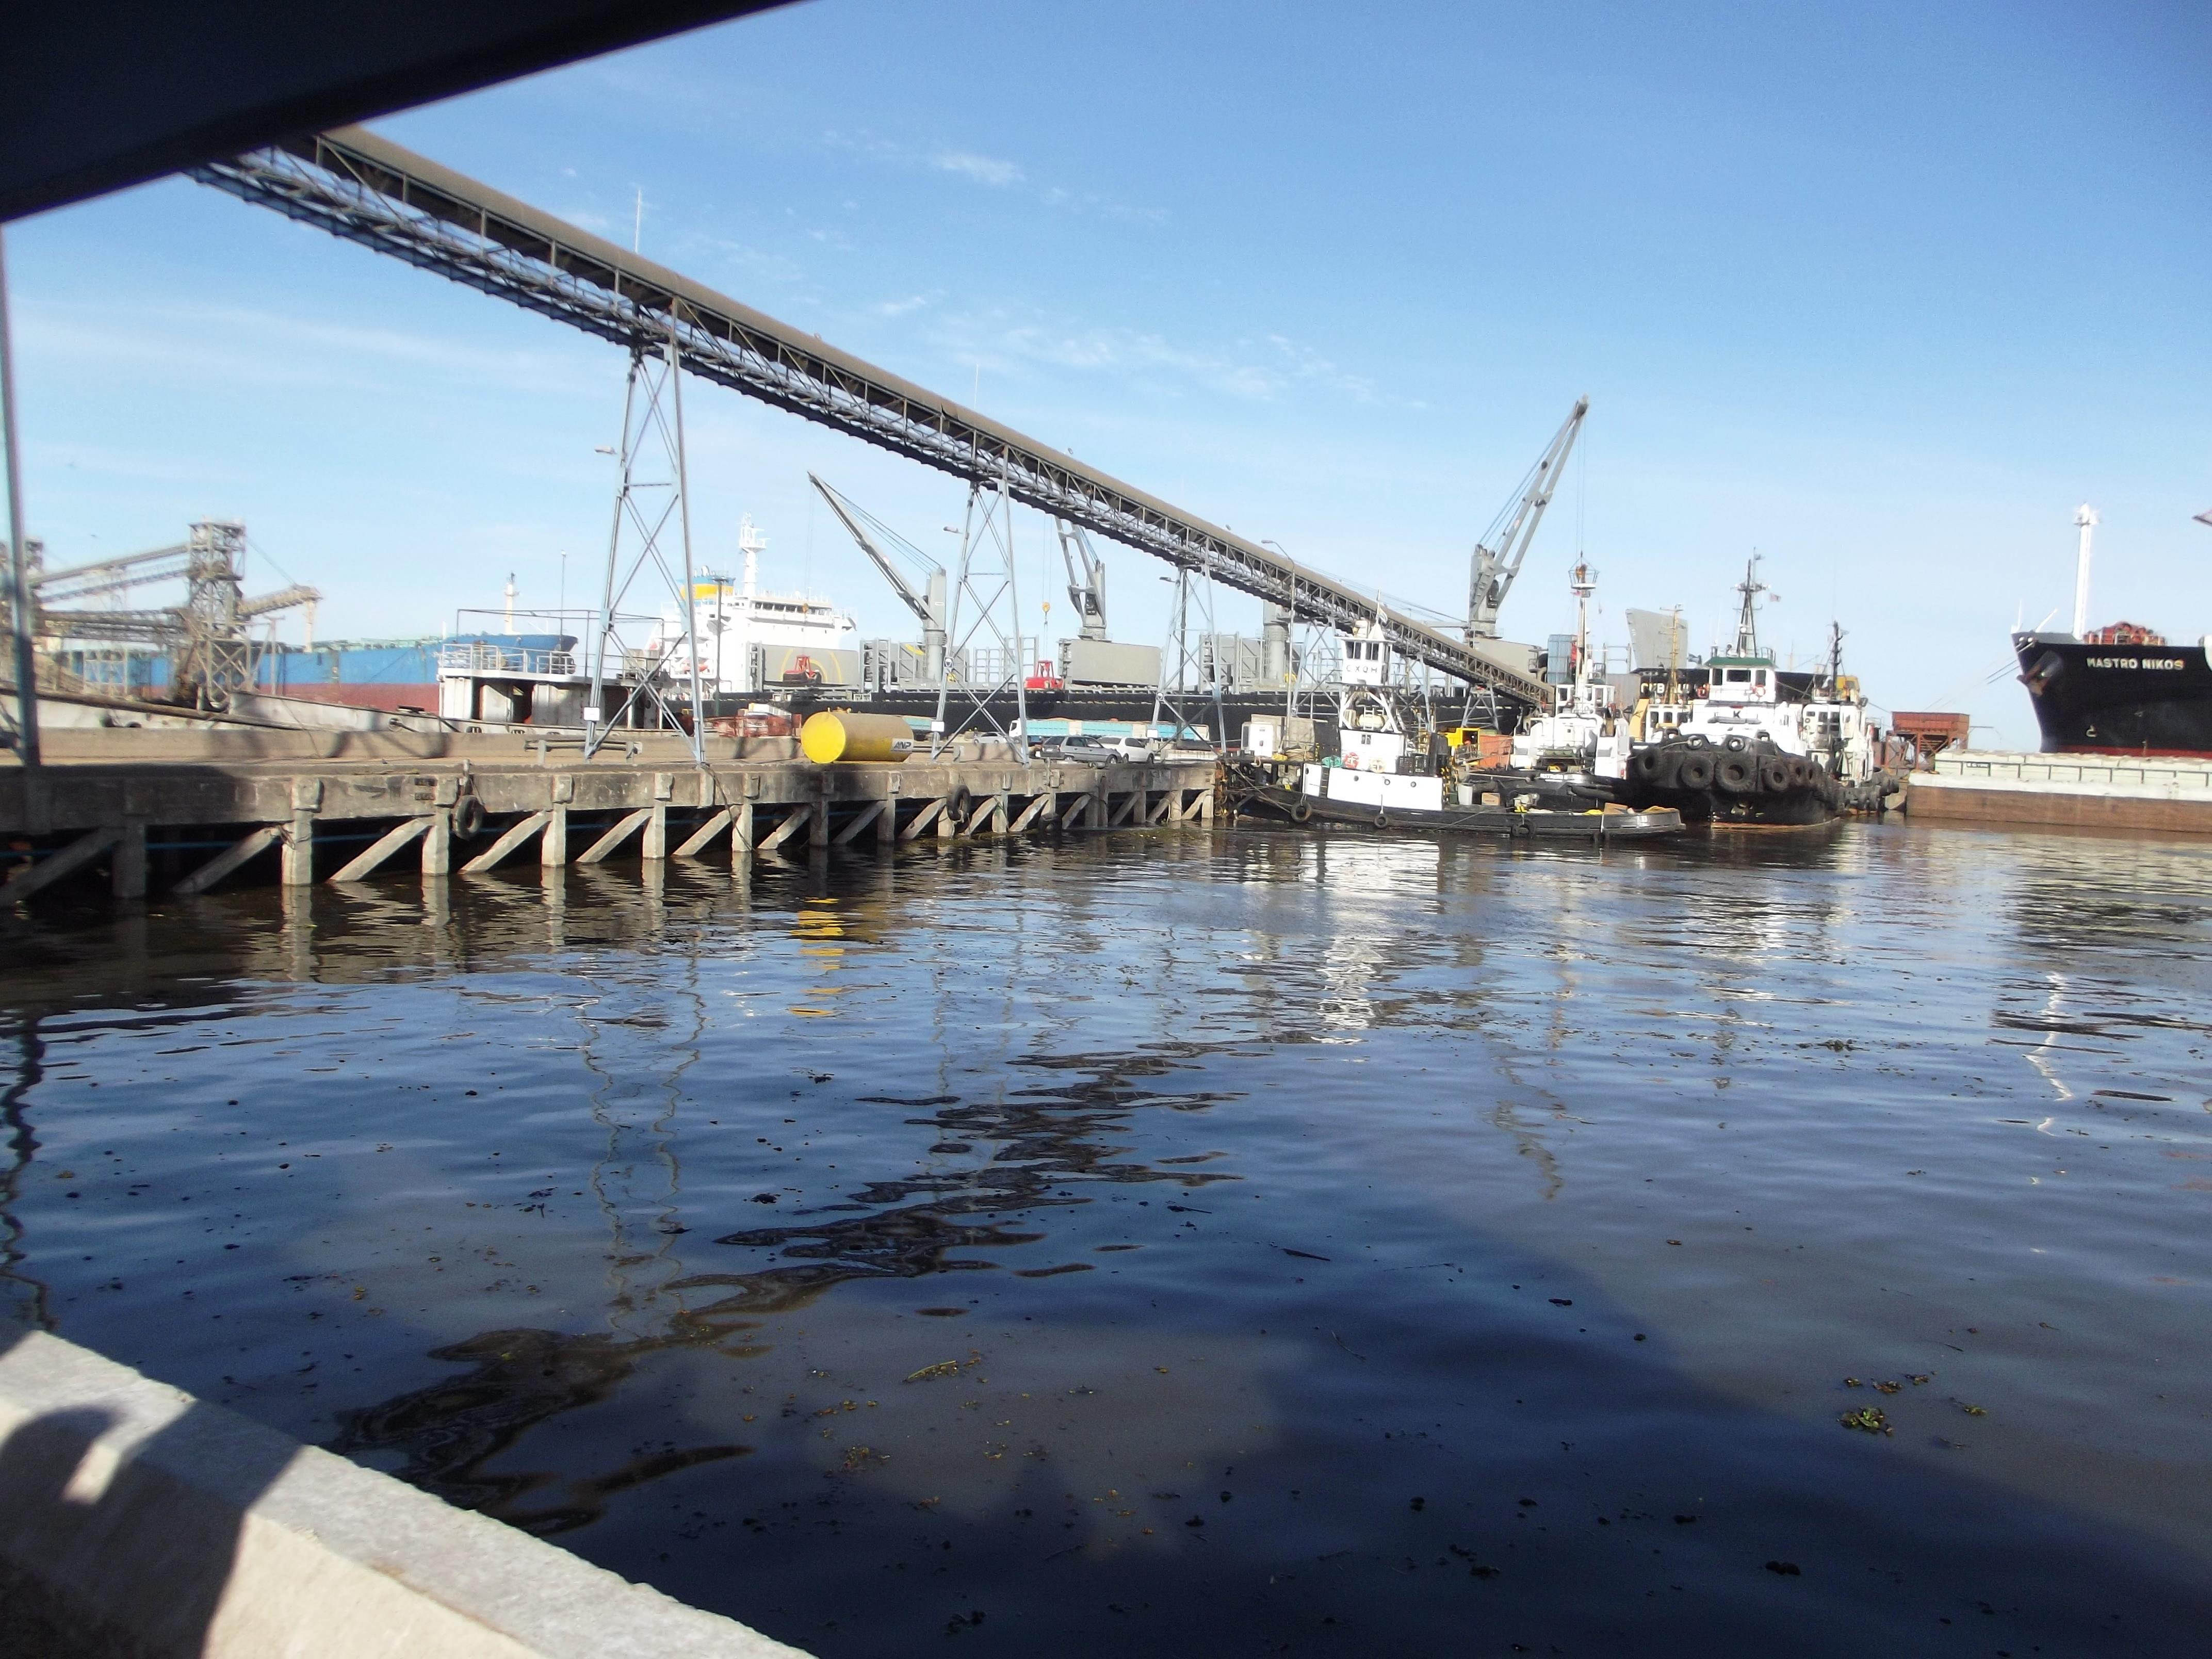 Archivo:Puerto de Nueva Palmira.JPG - Wikipedia, la enciclopedia libre